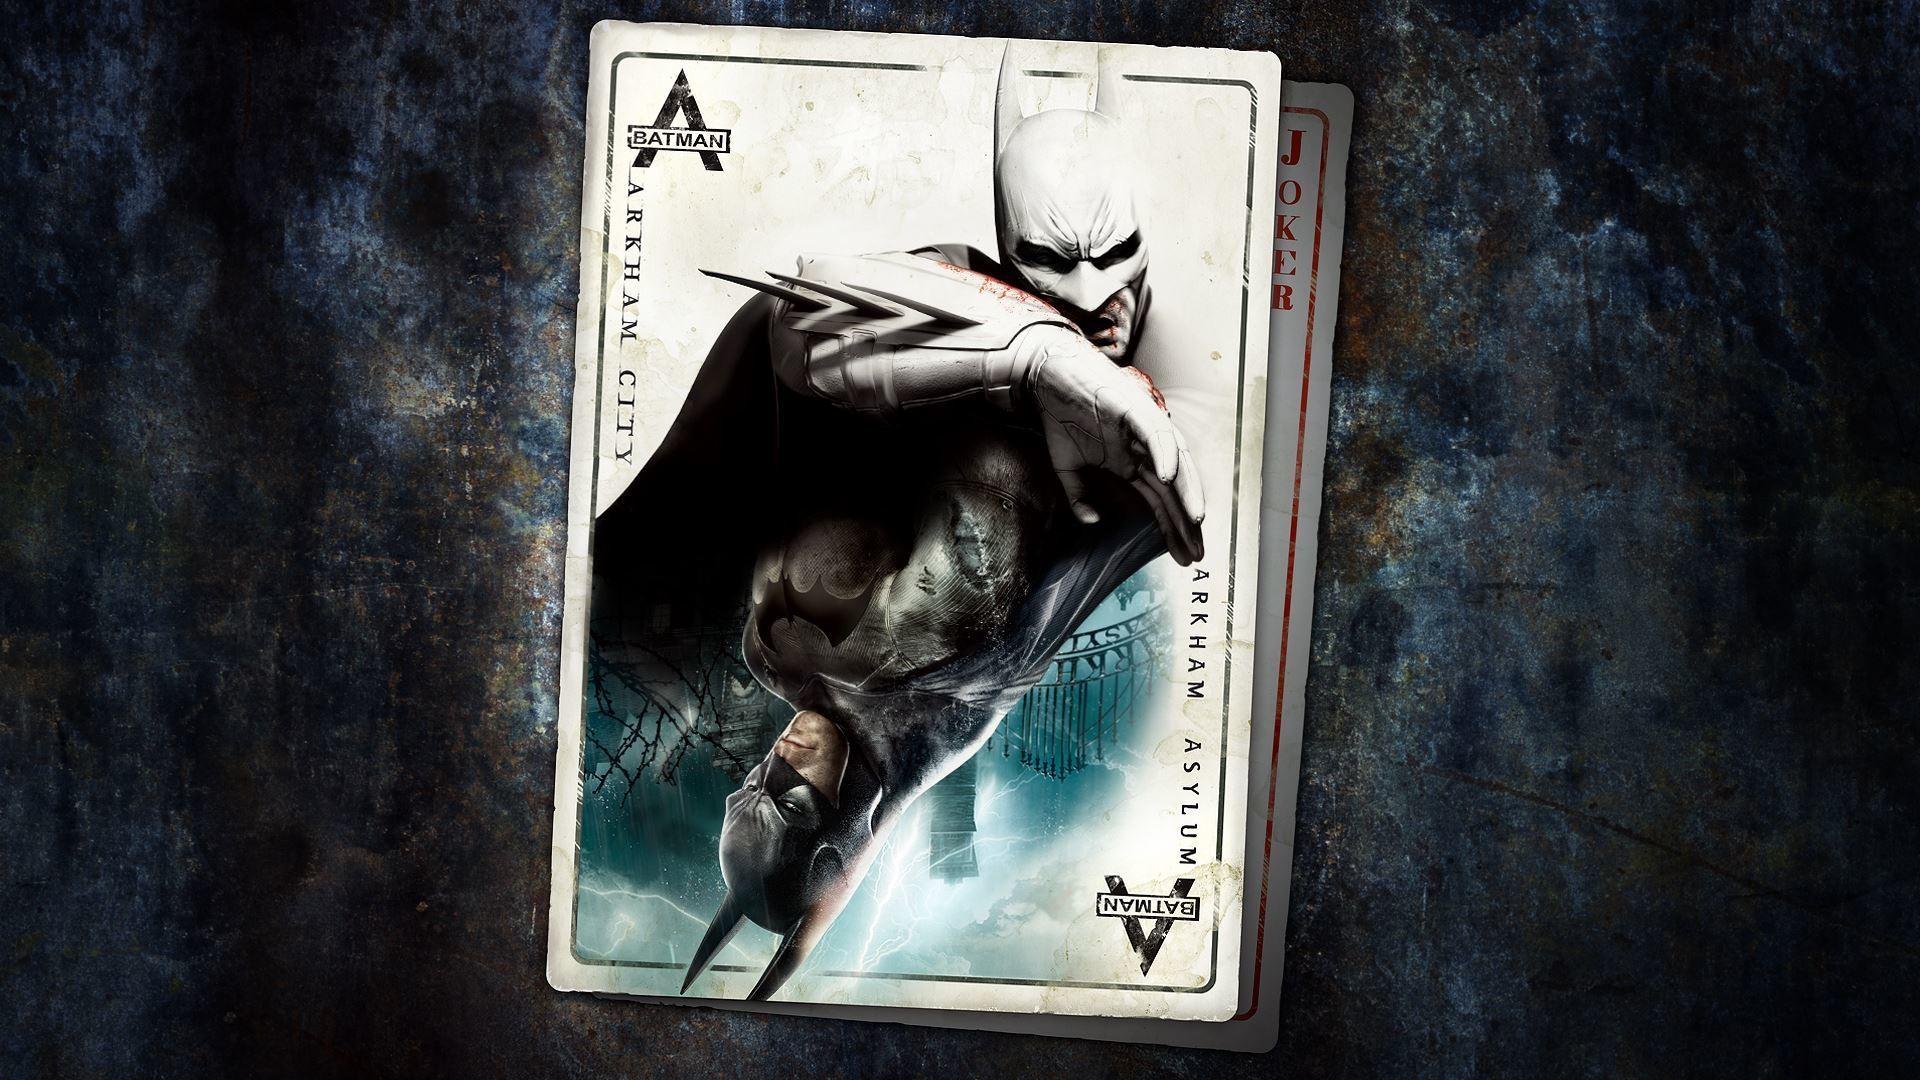 Wallpaper 1920x1080 Px Artwork Batman Arkham Asylum